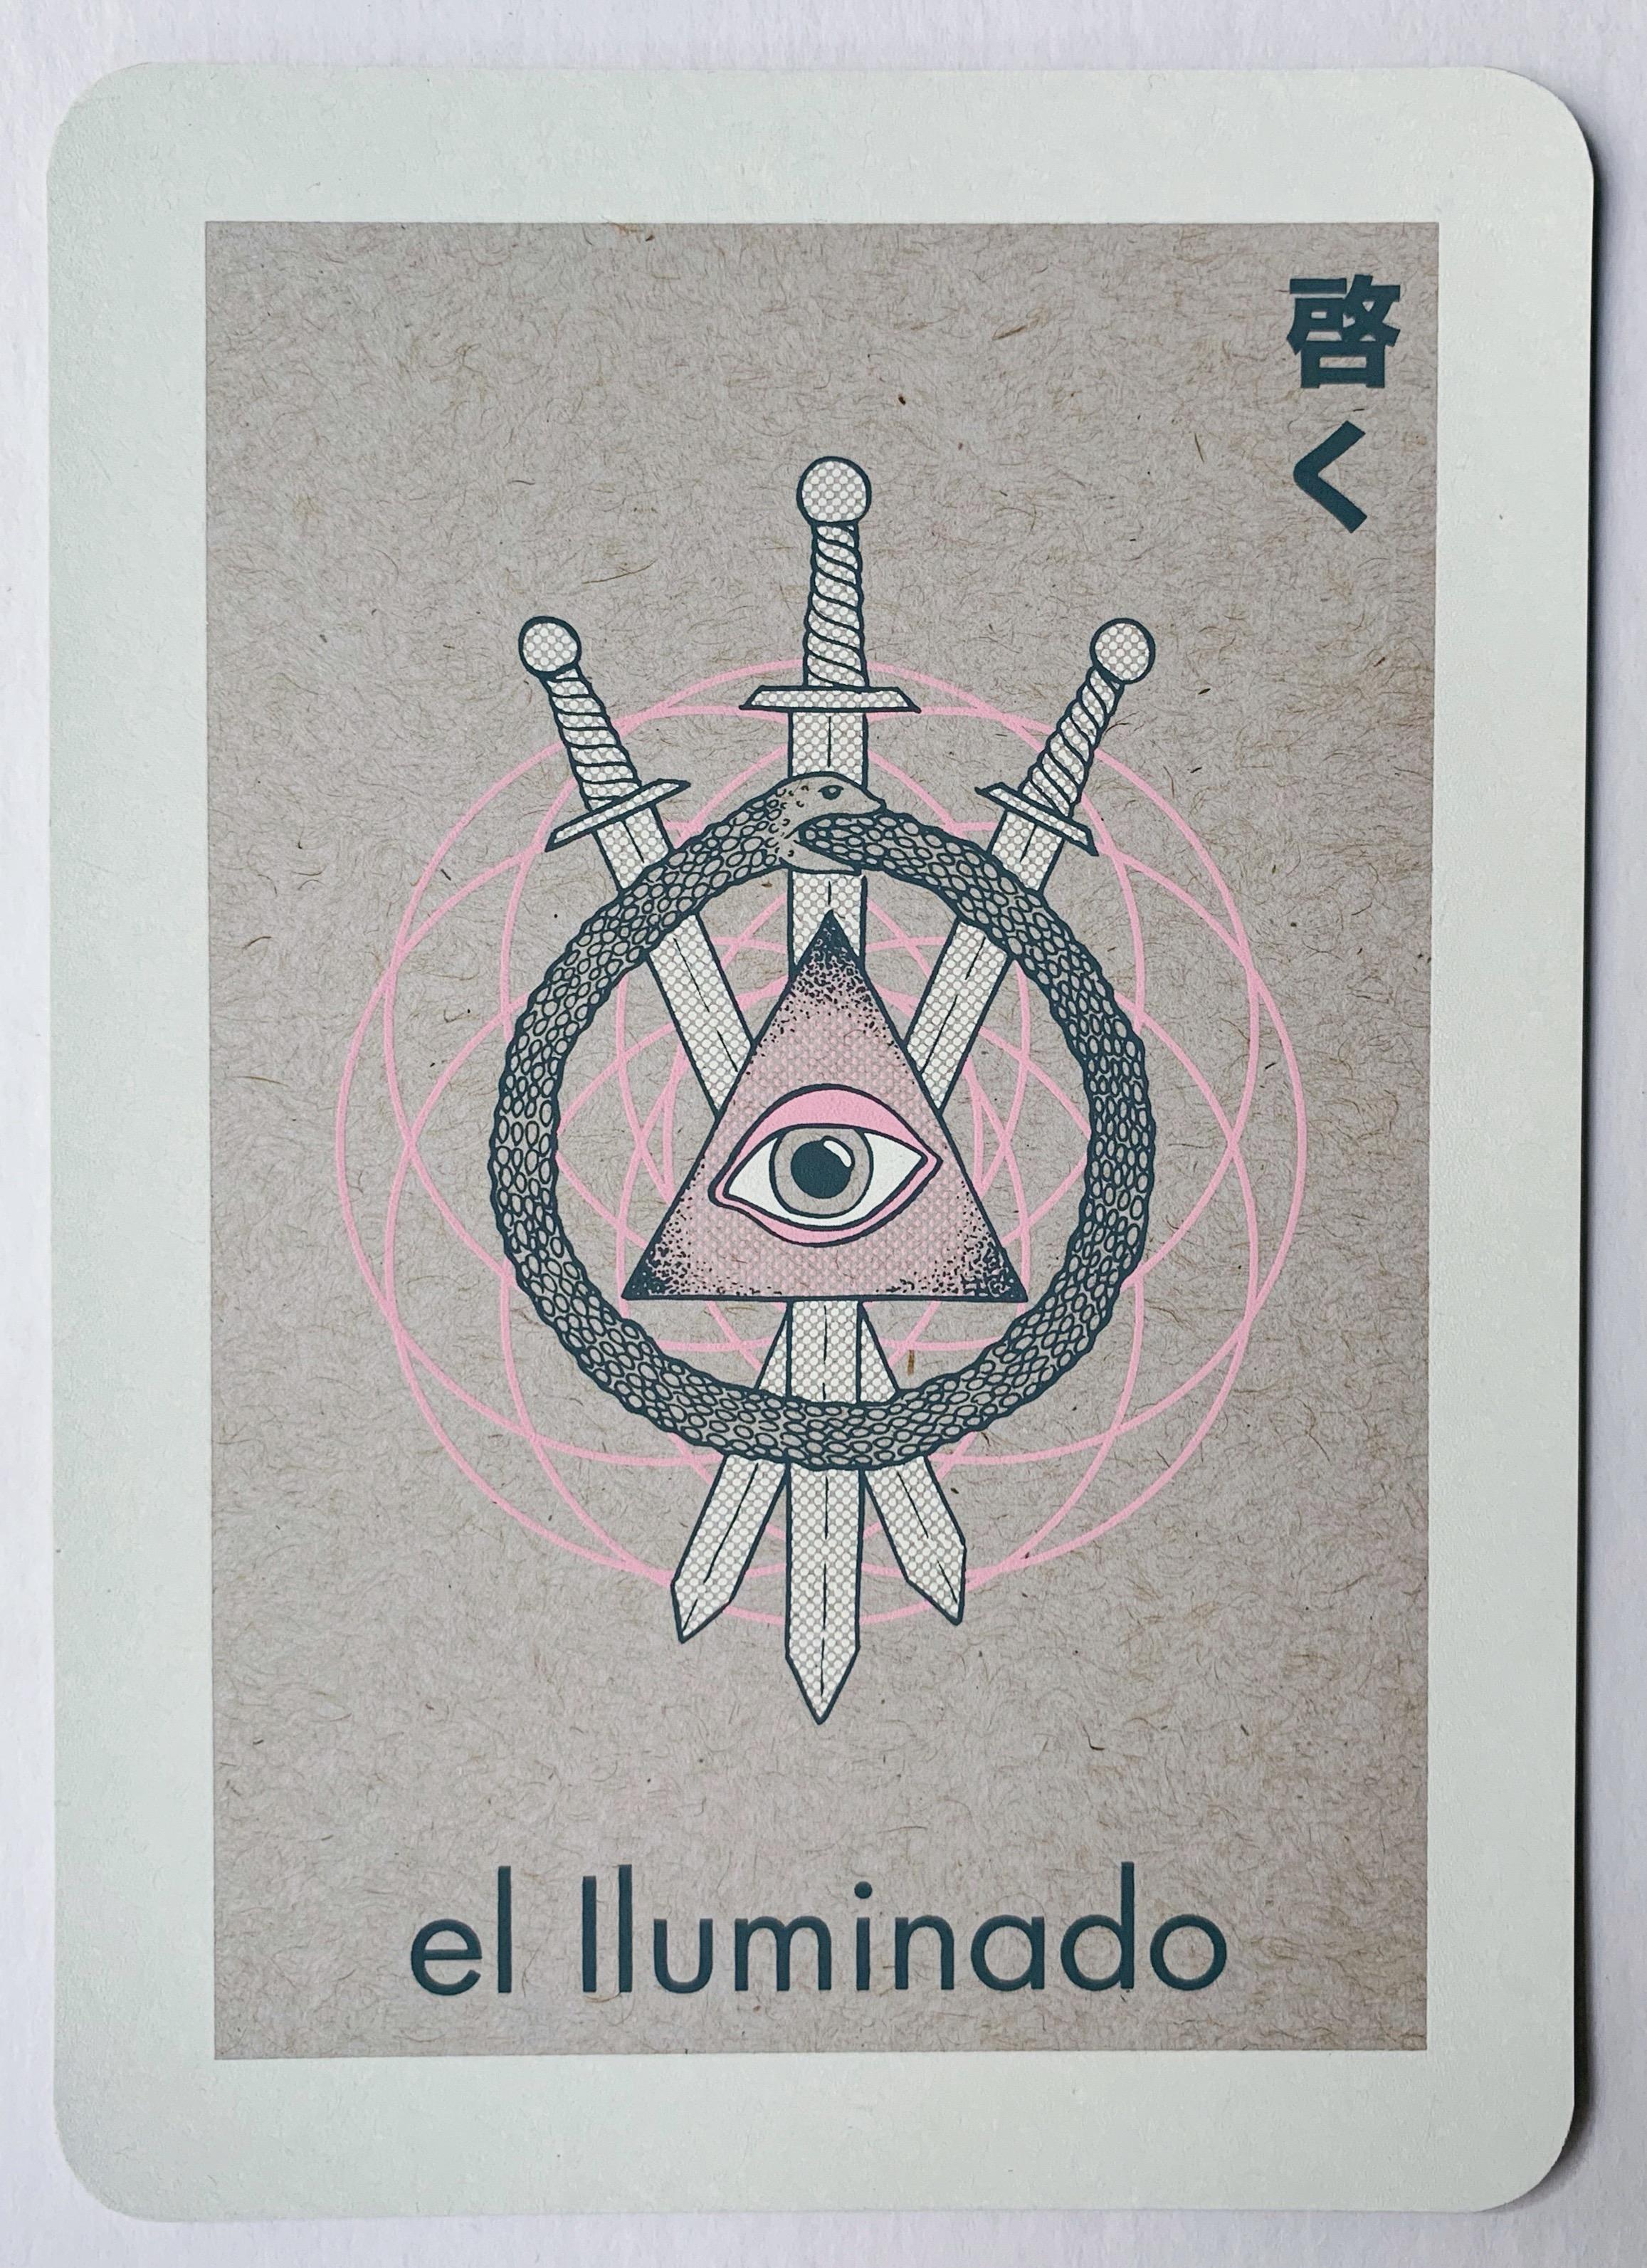 el Iluminado, serigraphy, 2018